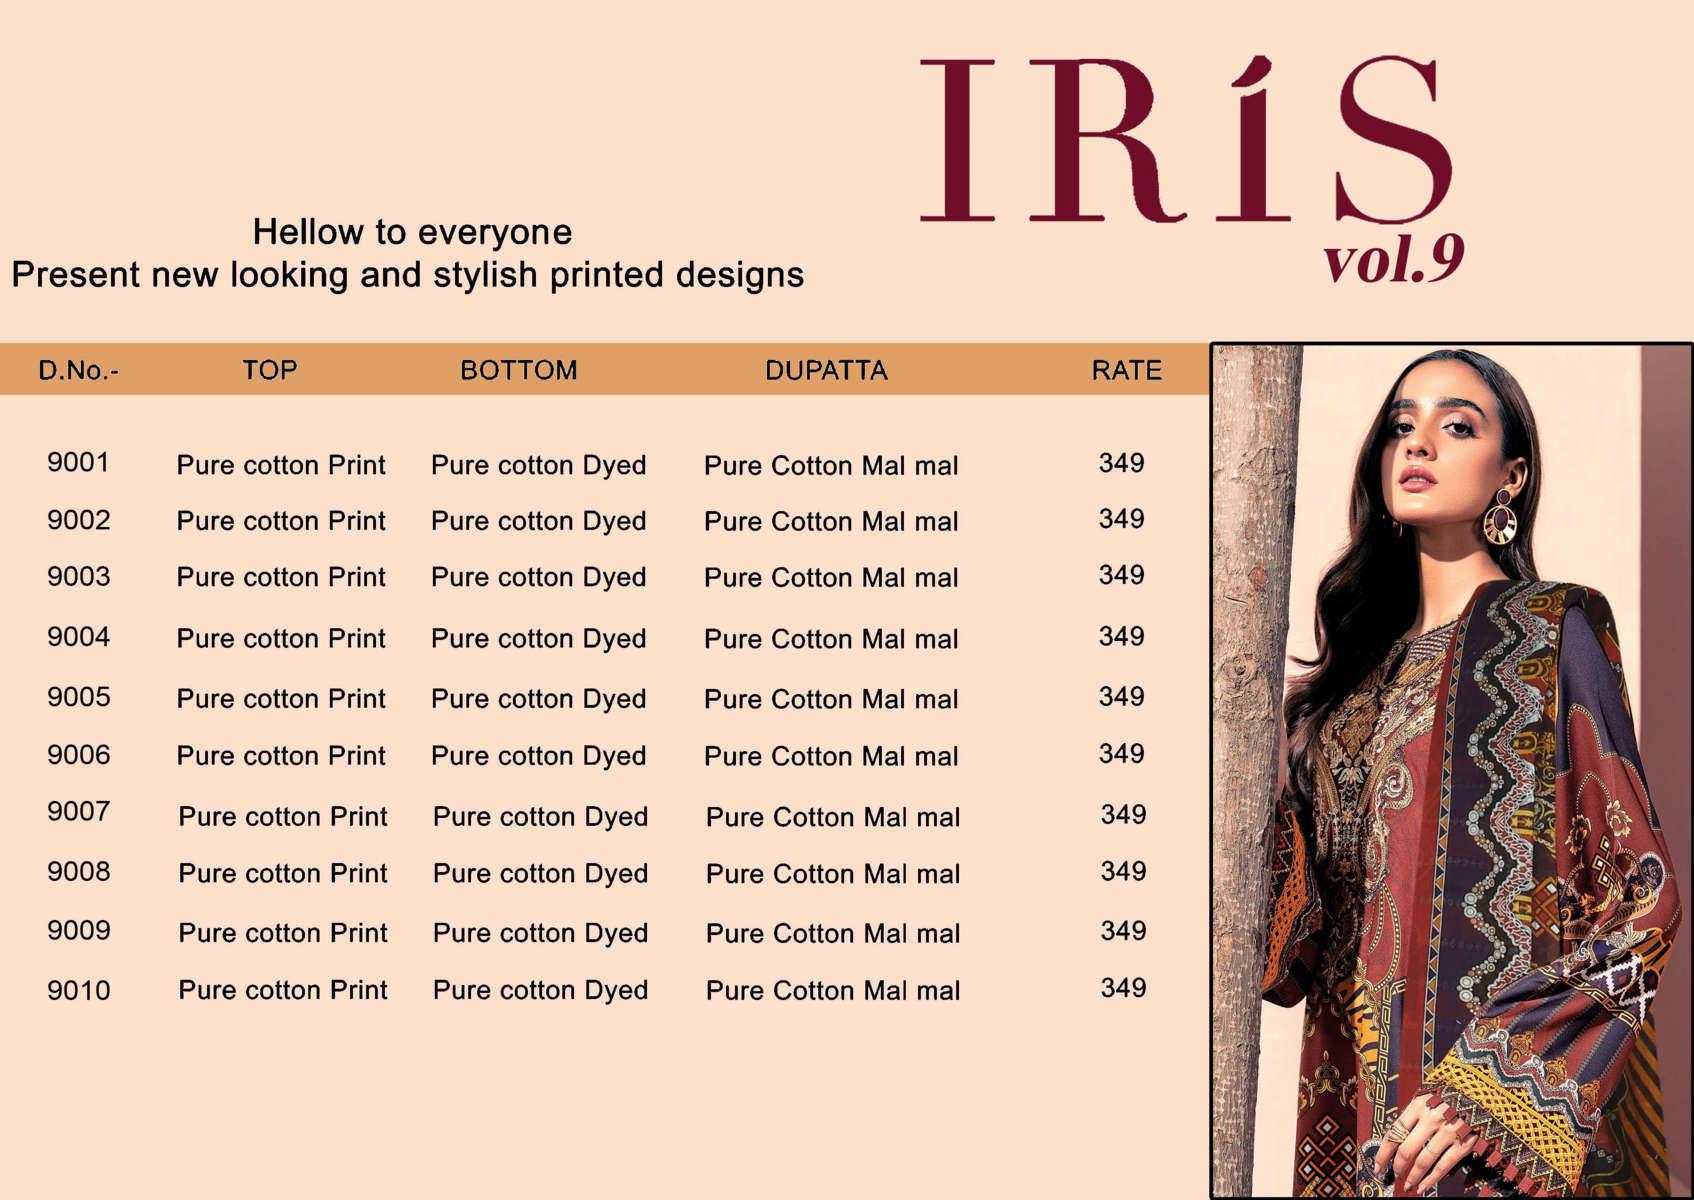 Iris Vol 9 Karachi Cotton Salwar Suit Wholesale Catalog 10 Pcs 16 - Iris Vol 9 Karachi Cotton Salwar Suit Wholesale Catalog 10 Pcs